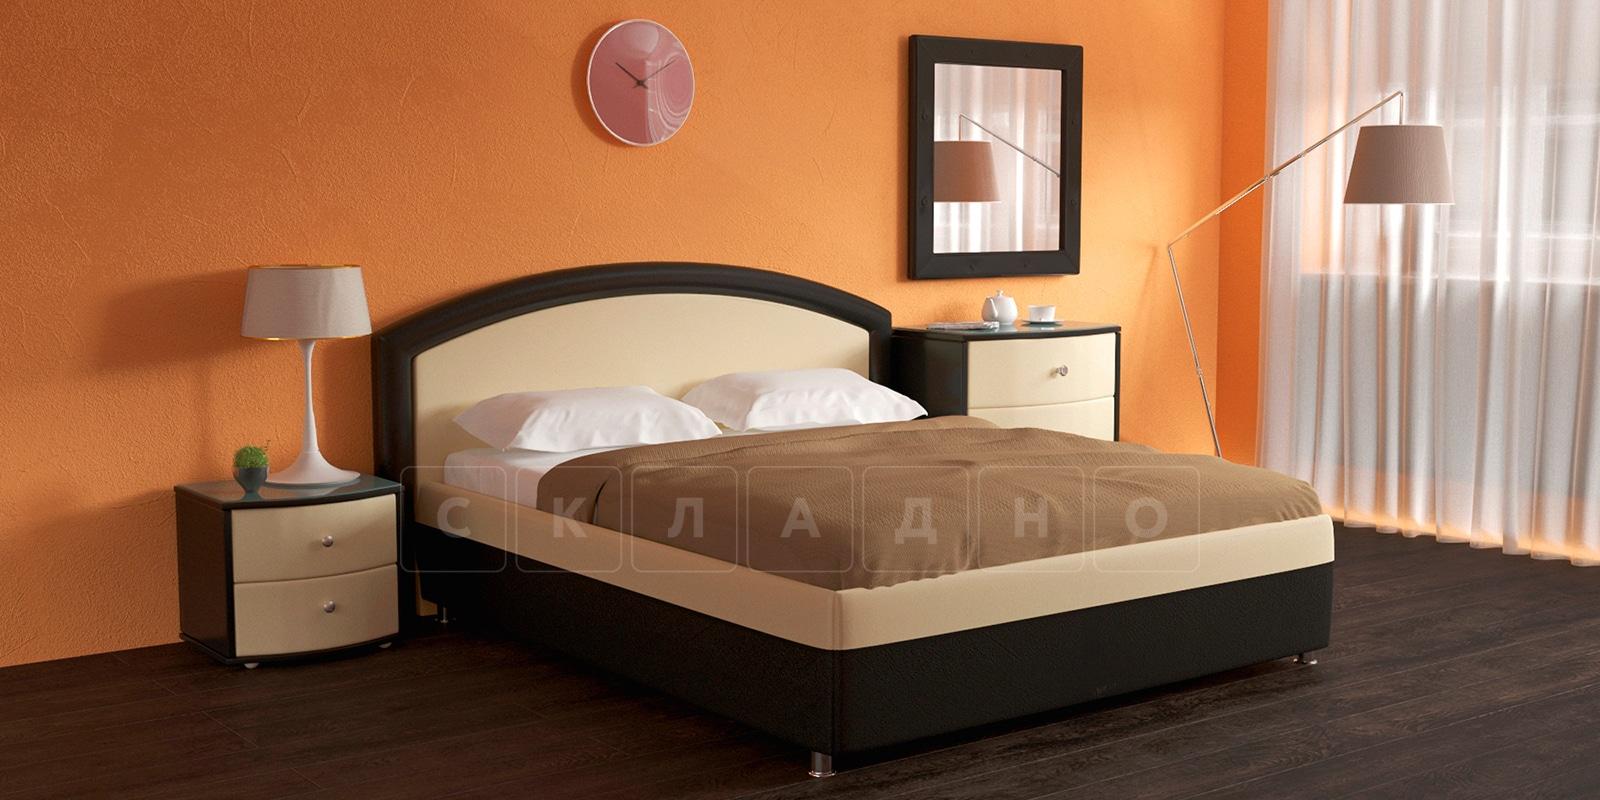 Мягкая кровать Малибу 160см экокожа бежевый-шоколад вариант 8-2 фото 2 | интернет-магазин Складно